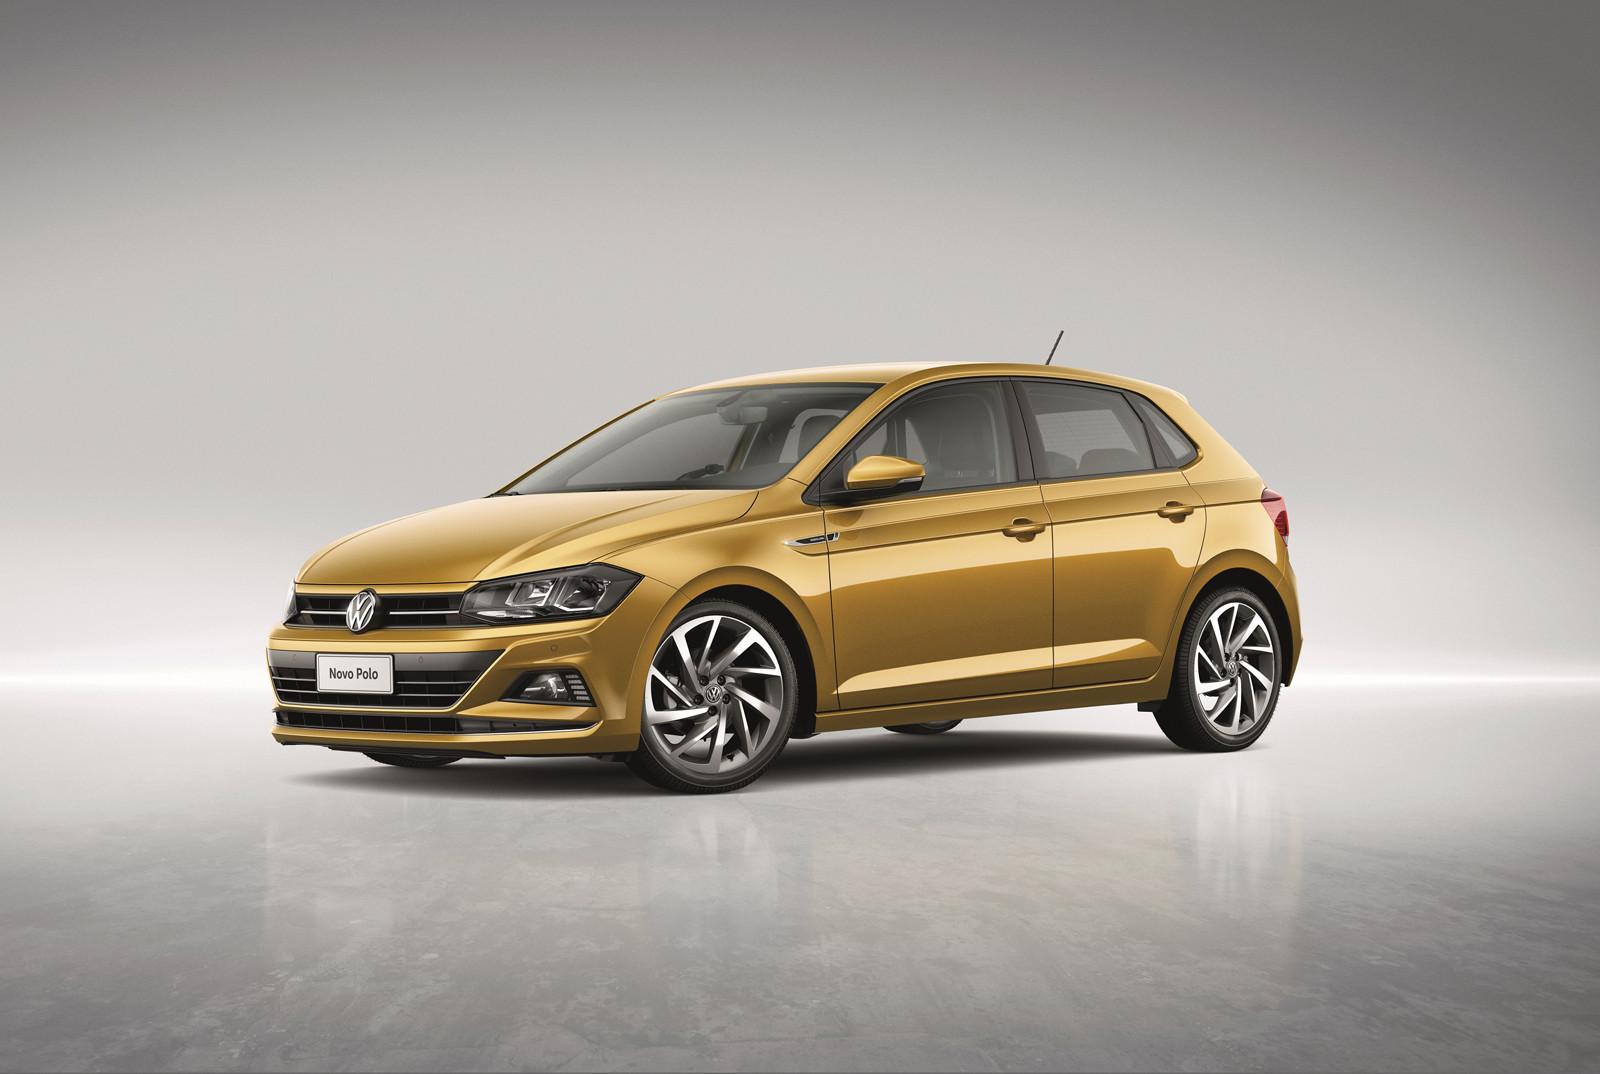 Asi Podran Ser Las Versiones Del Nuevo Volkswagen Polo Para Mexico Autos Y Moda Mexico